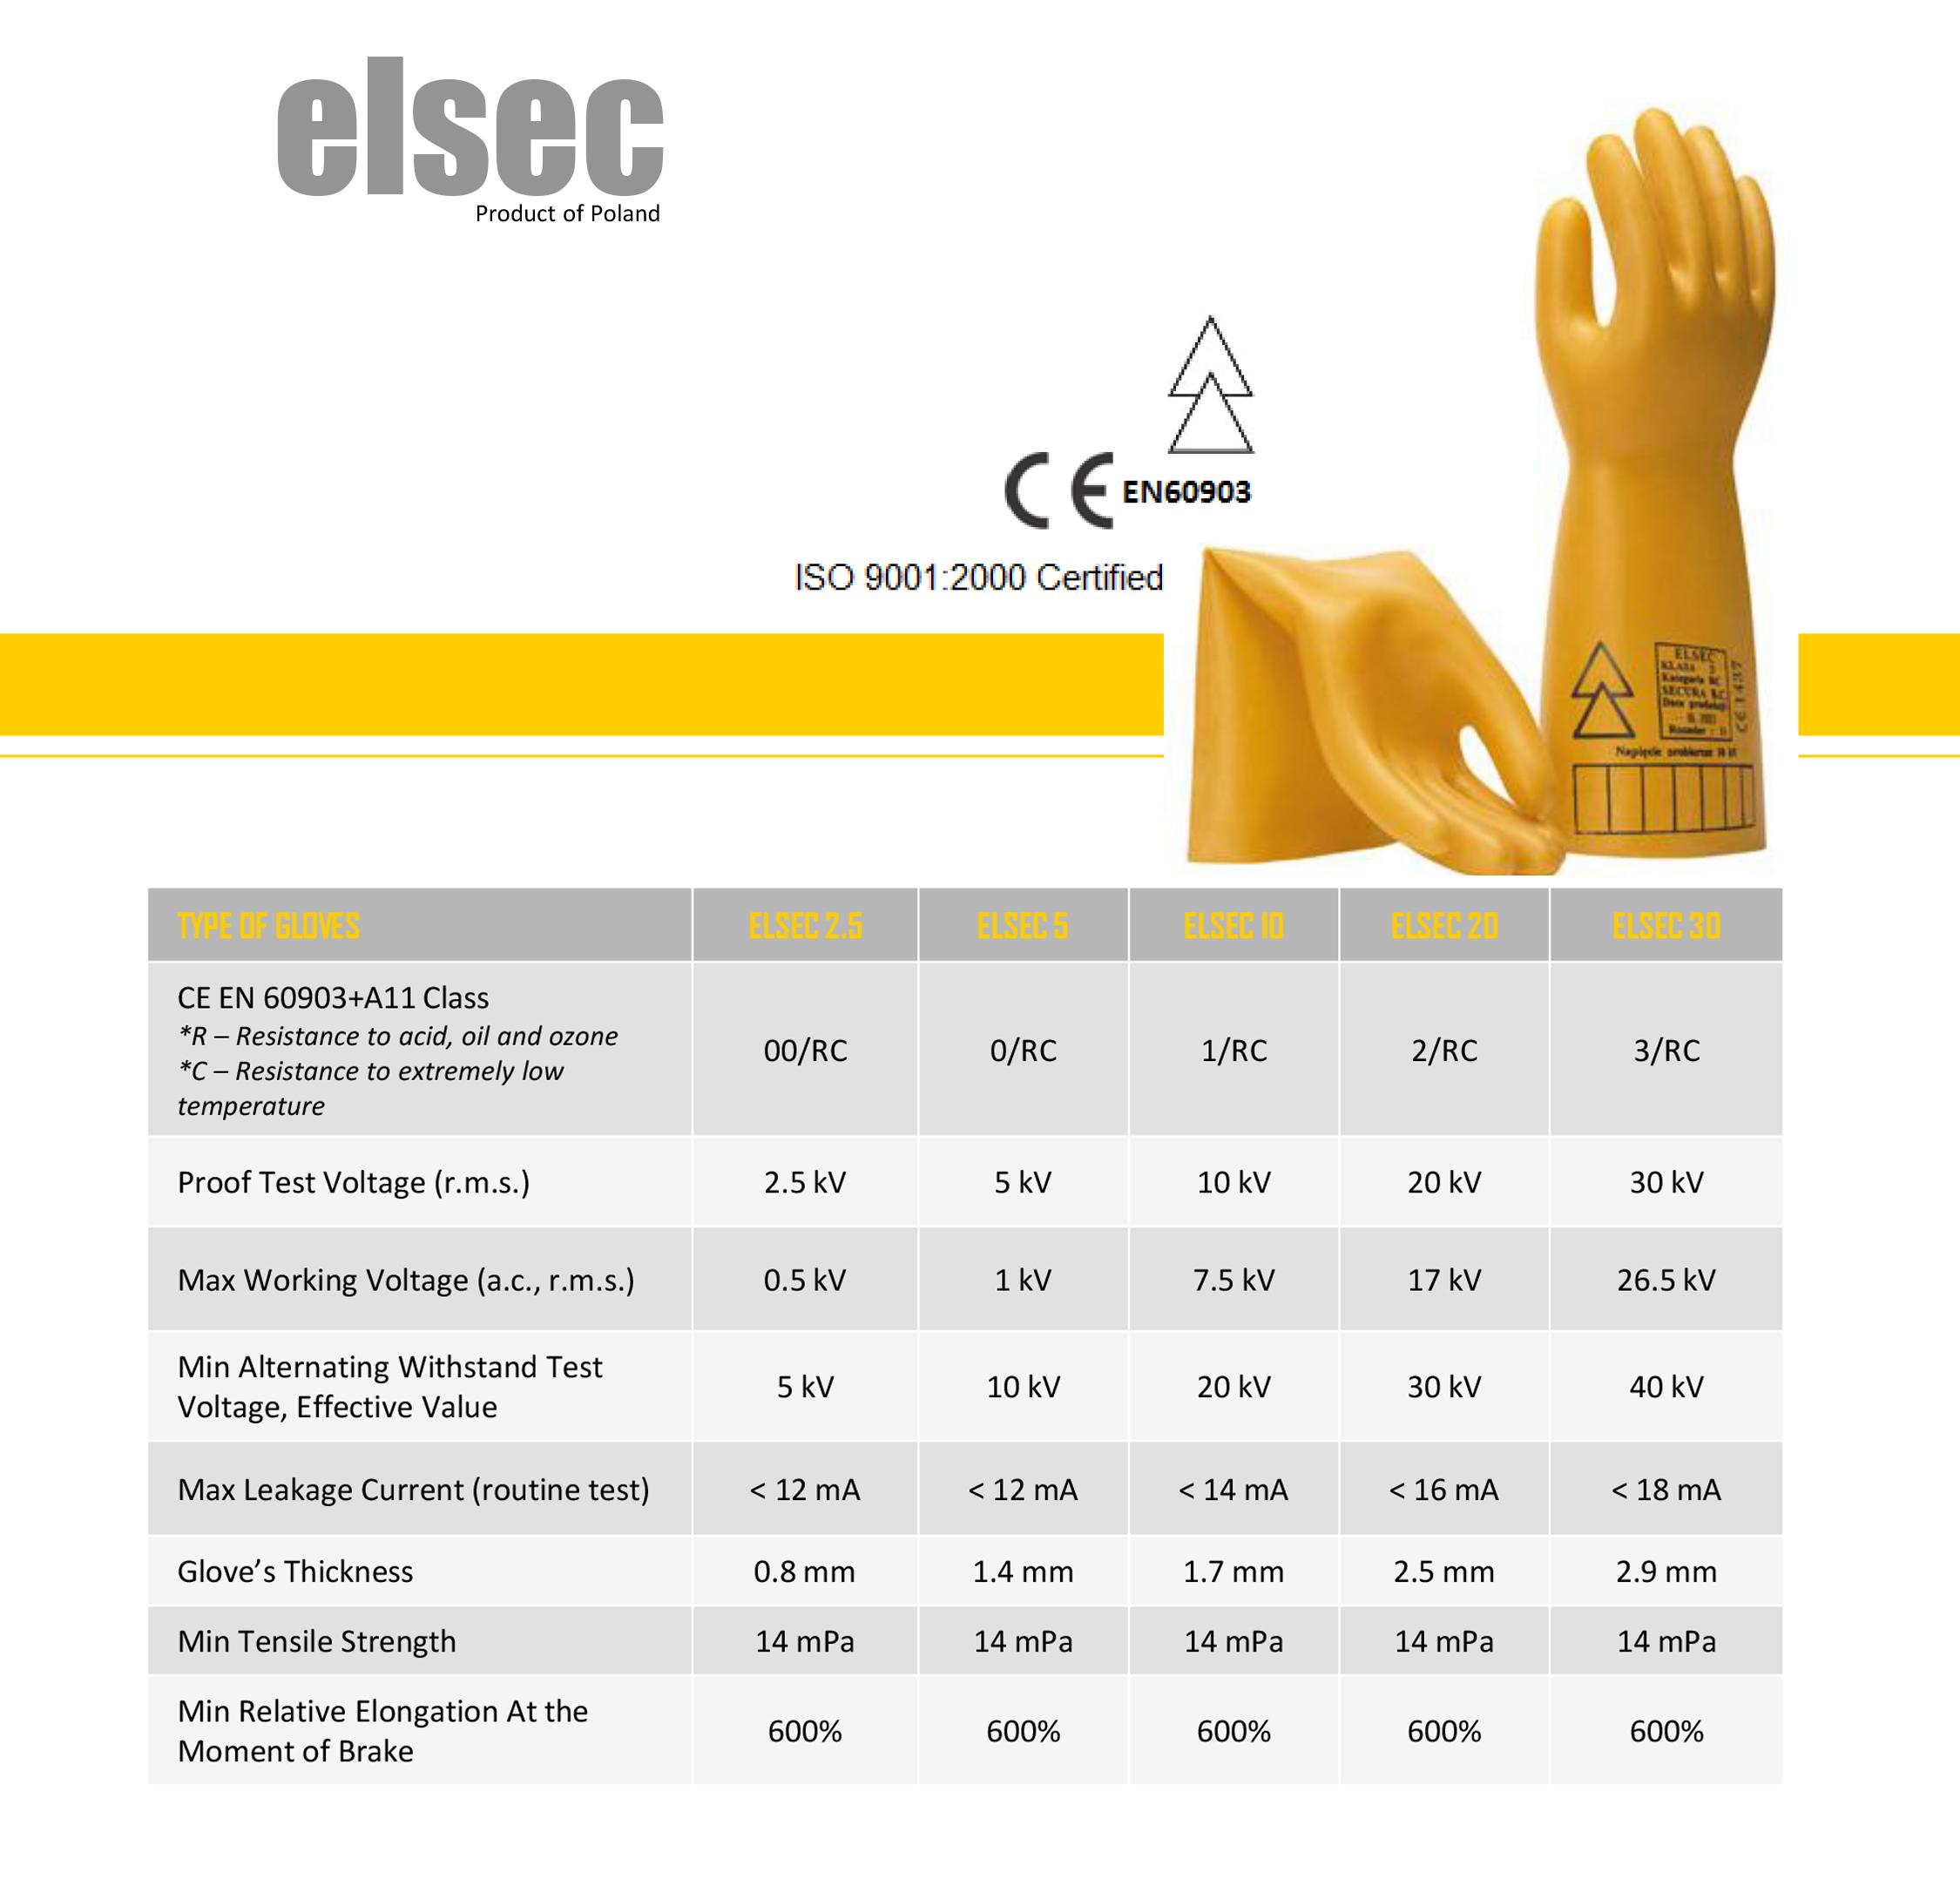 elsec sarung tangan listrik 2kv